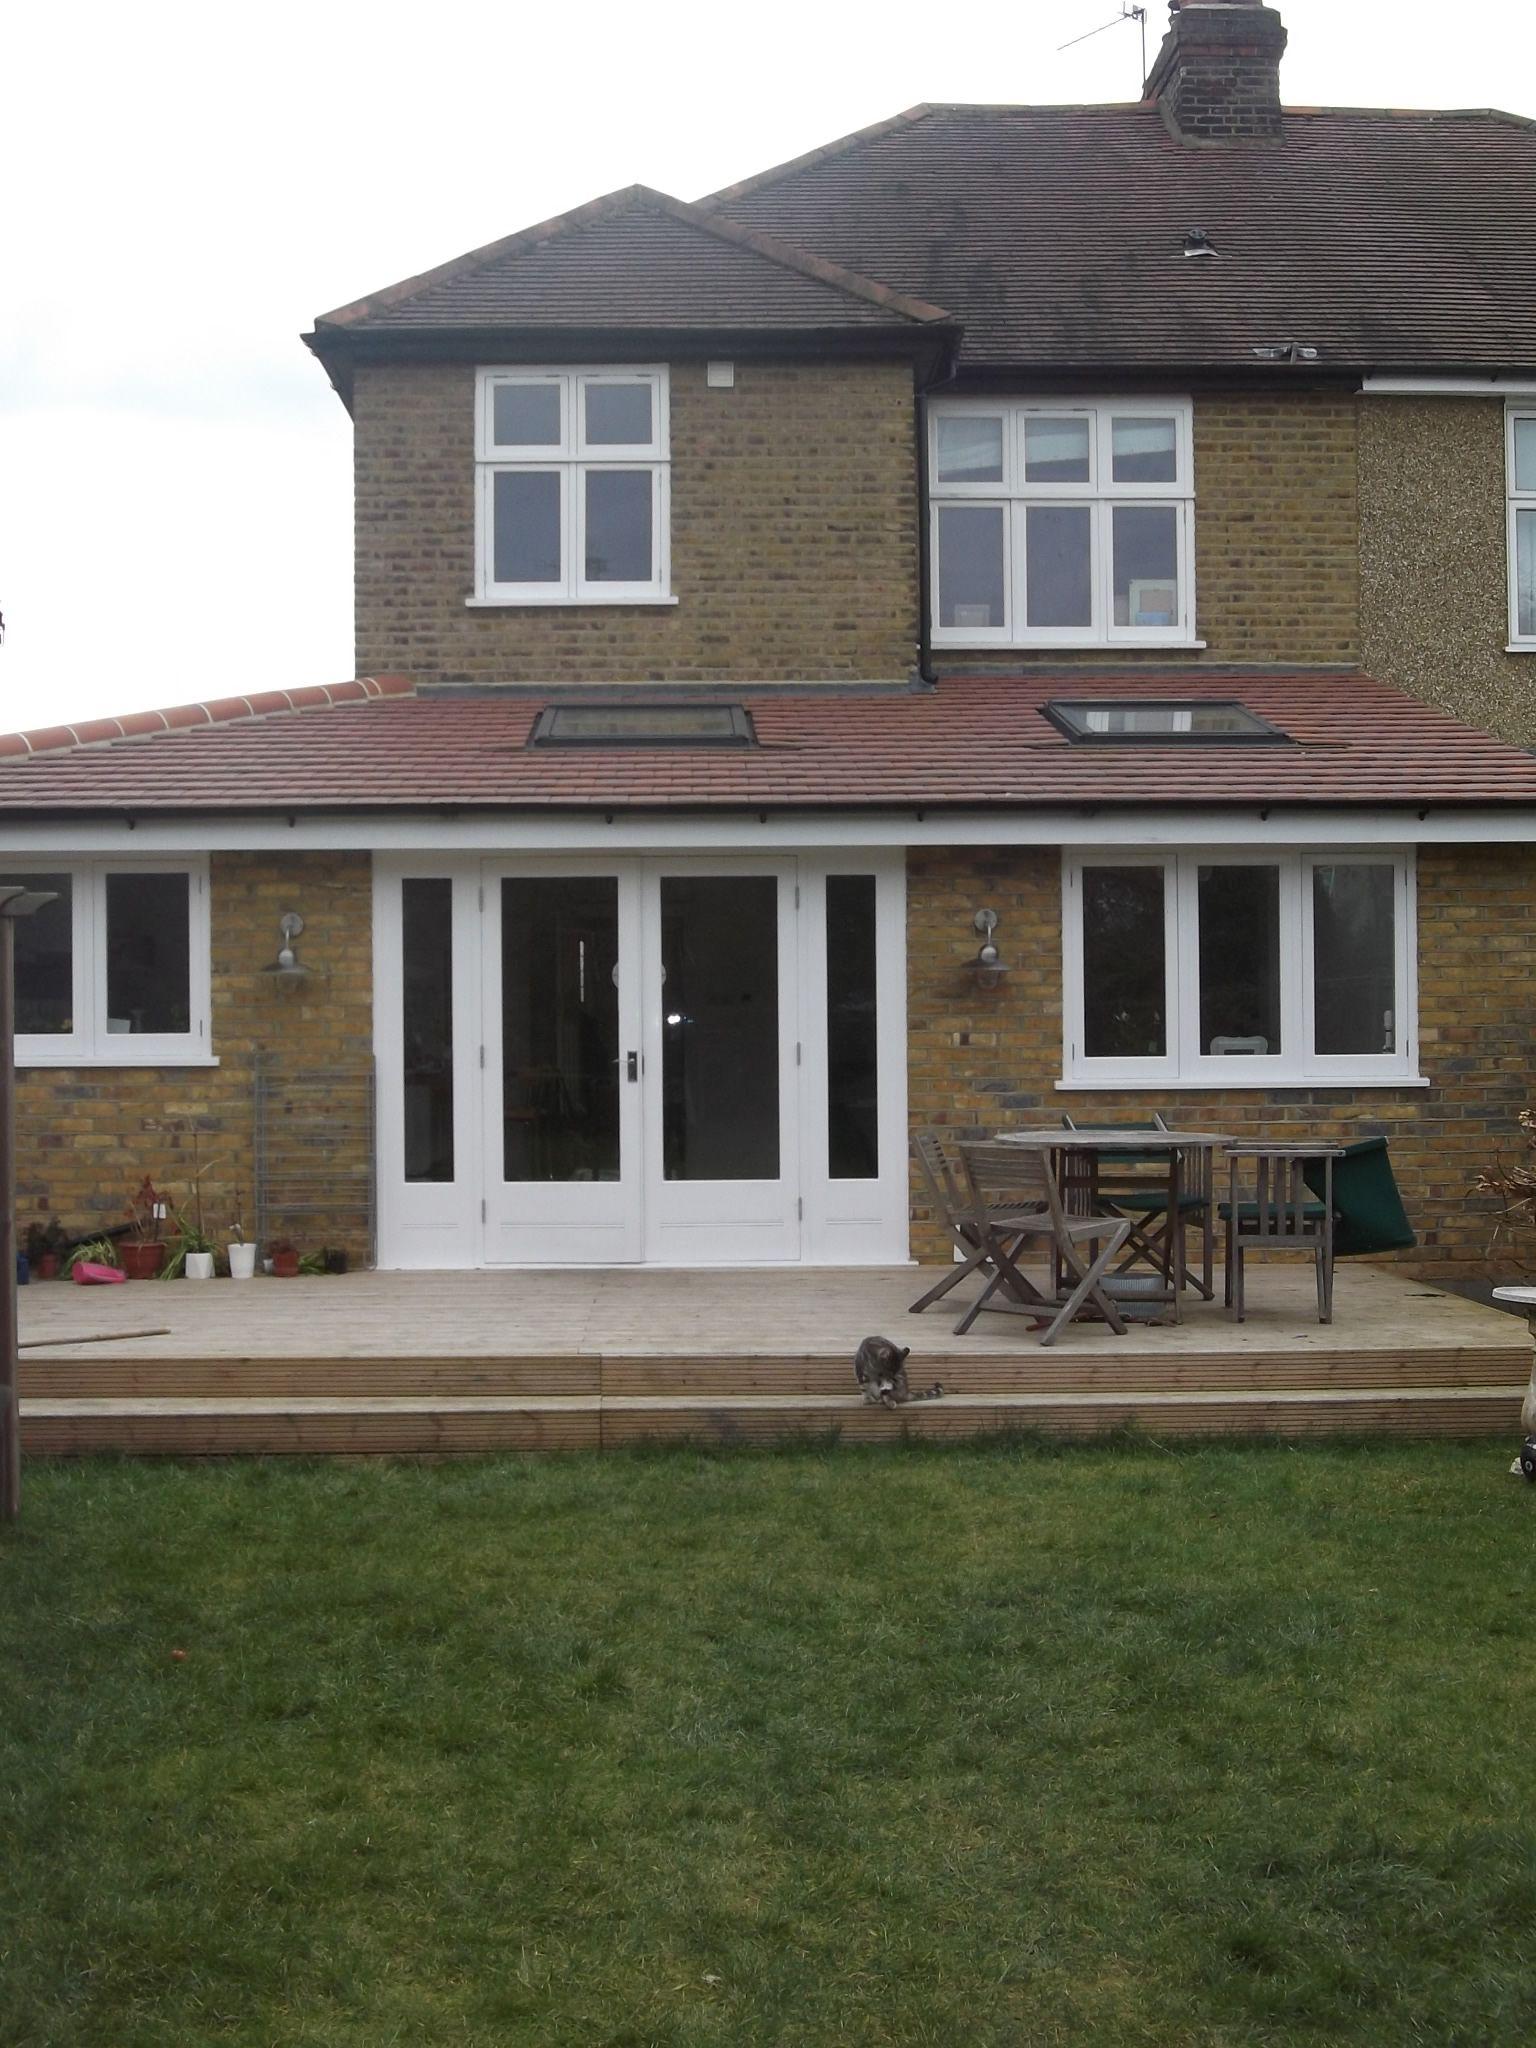 Single Storey House Design: Single Storey Wrap-around Extension